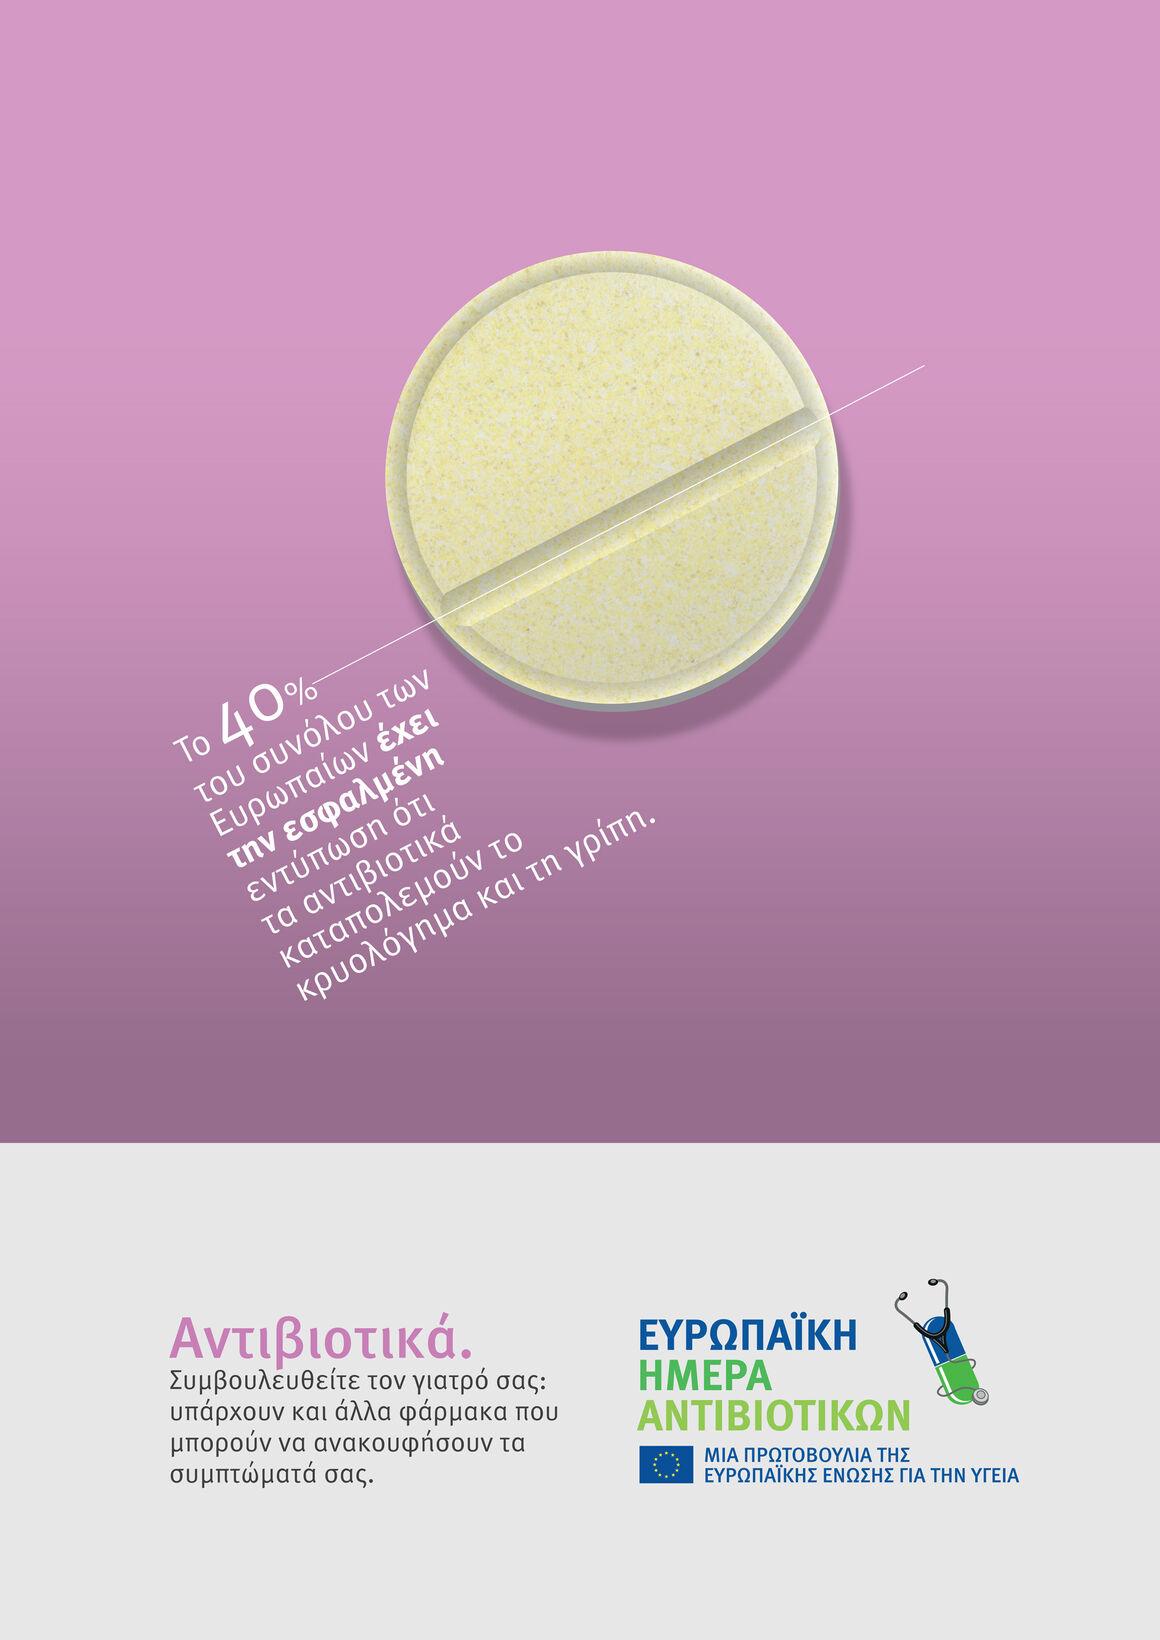 Αφίσες: Αντιβιοτικά. Συμβουλευθείτε τον γιατρό σας: υπάρχουν και άλλα φάρμακα που μπορούν να ανακουφήσουν τα συμπτώματά σας.